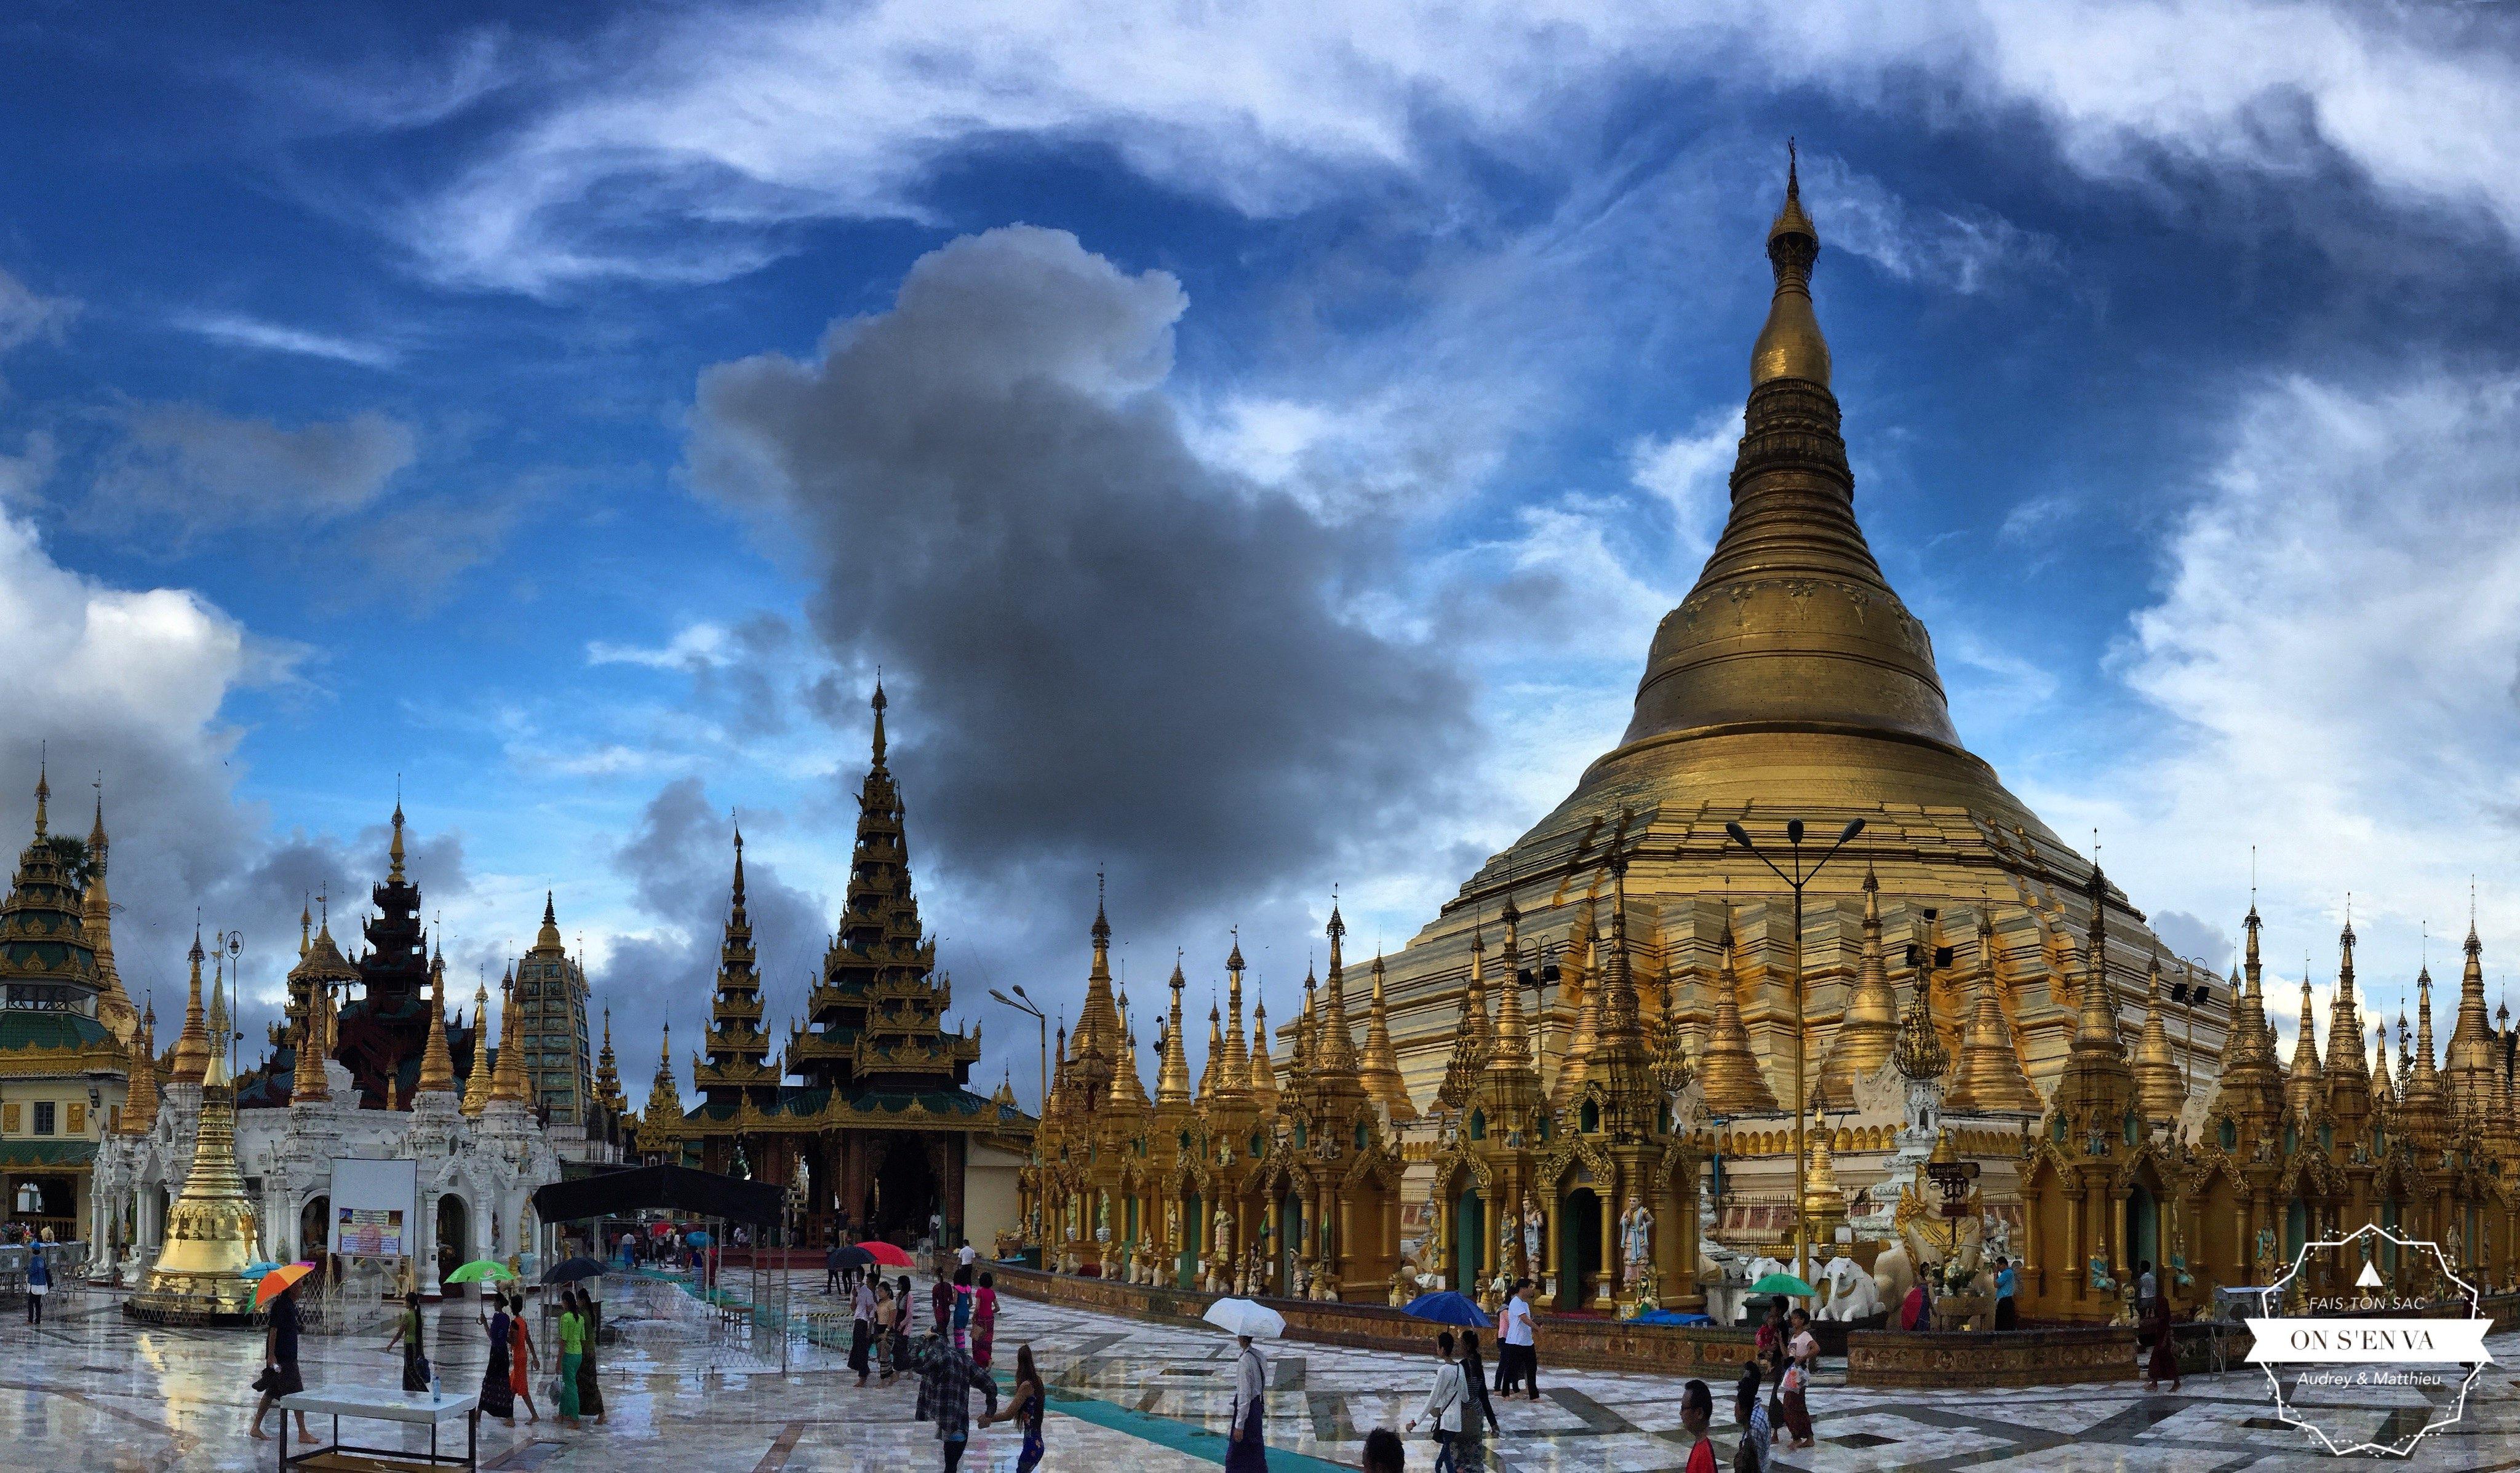 ... Shwedagon!